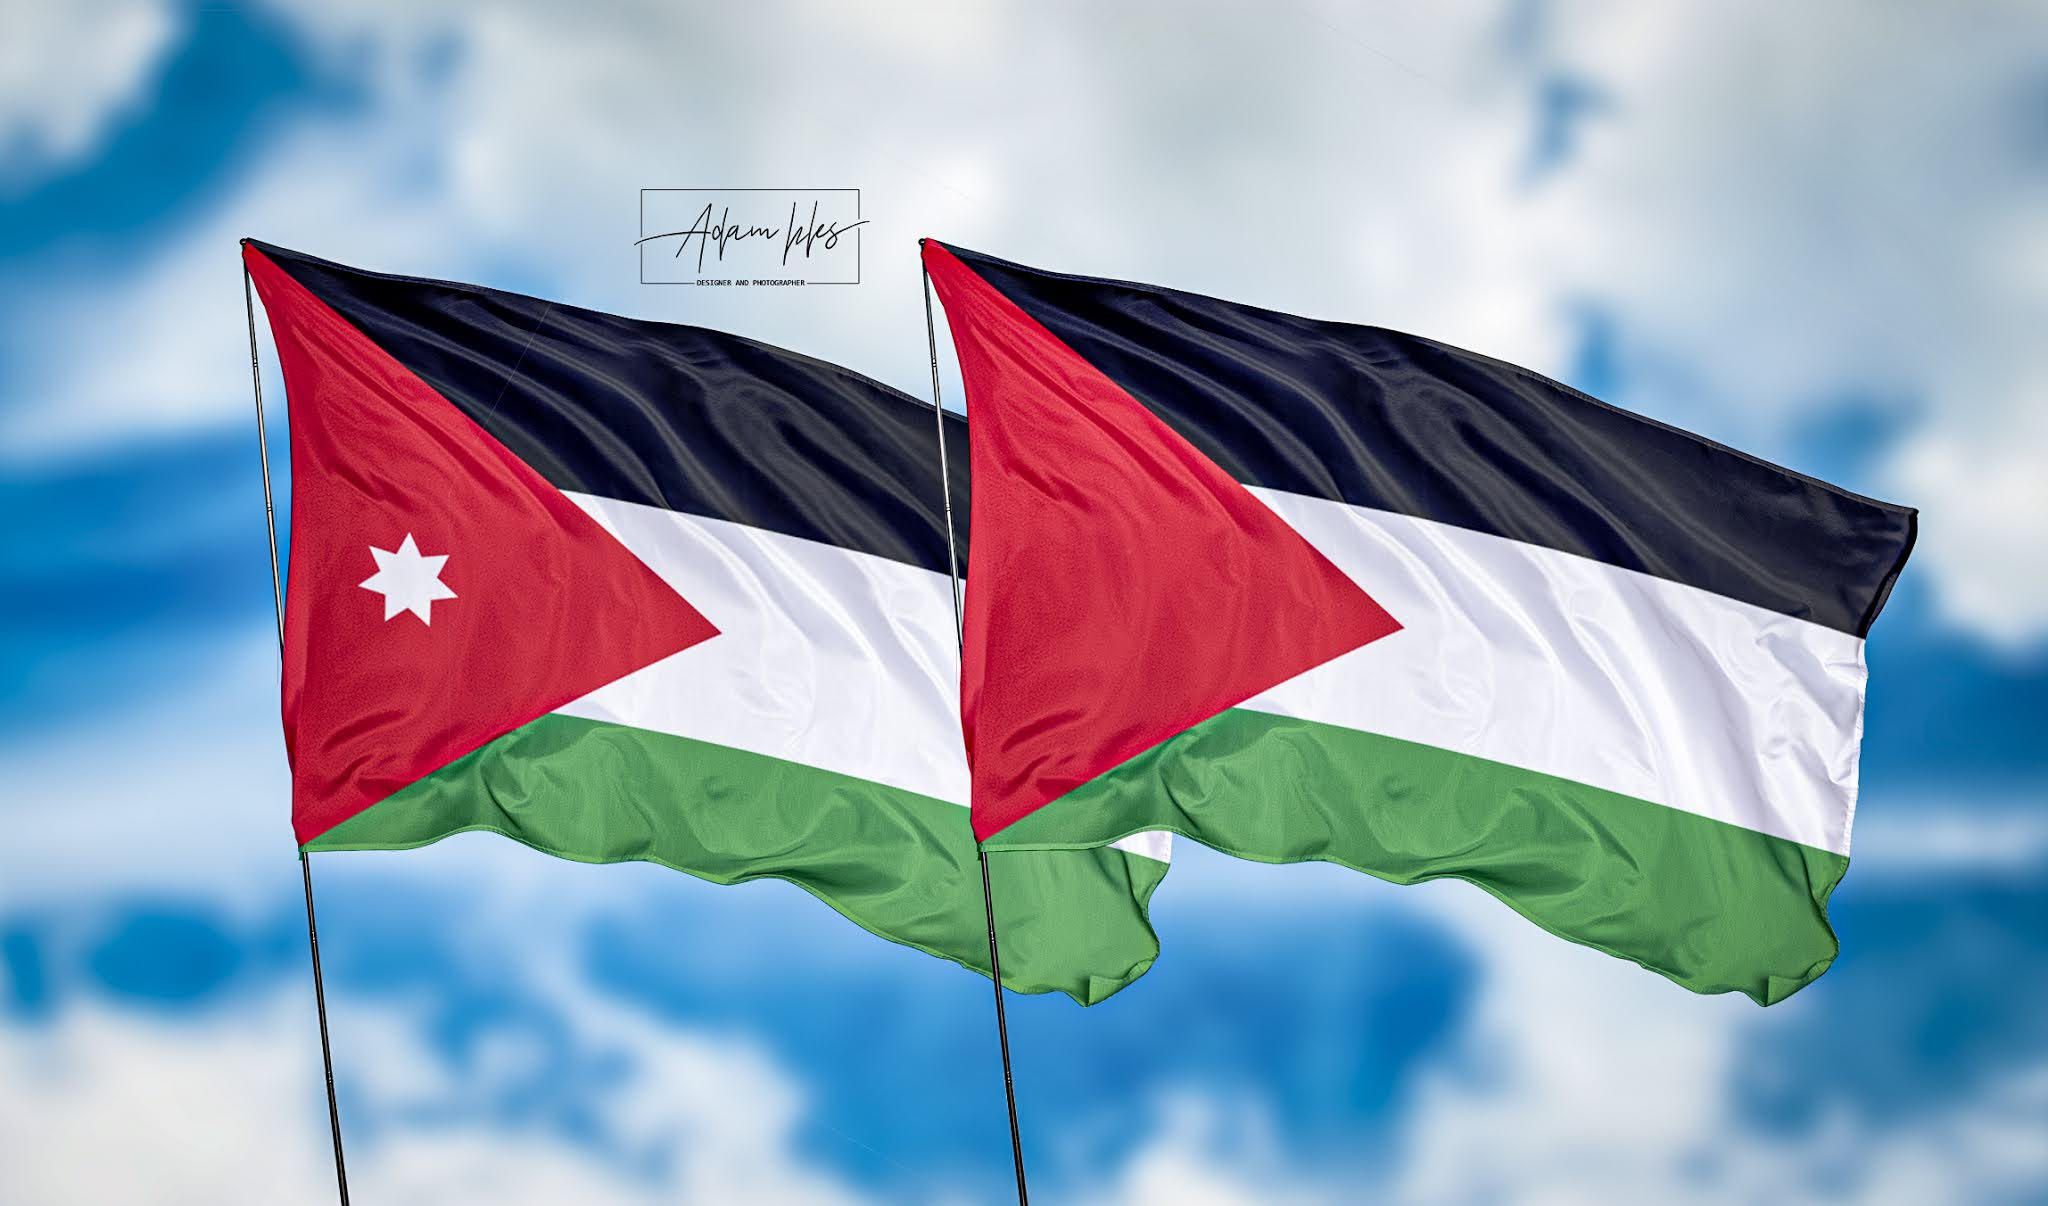 خلفيات الاردن وفلسطين اجمل خلفيات اعلام فلسطين والاردن ترفرف في السماء